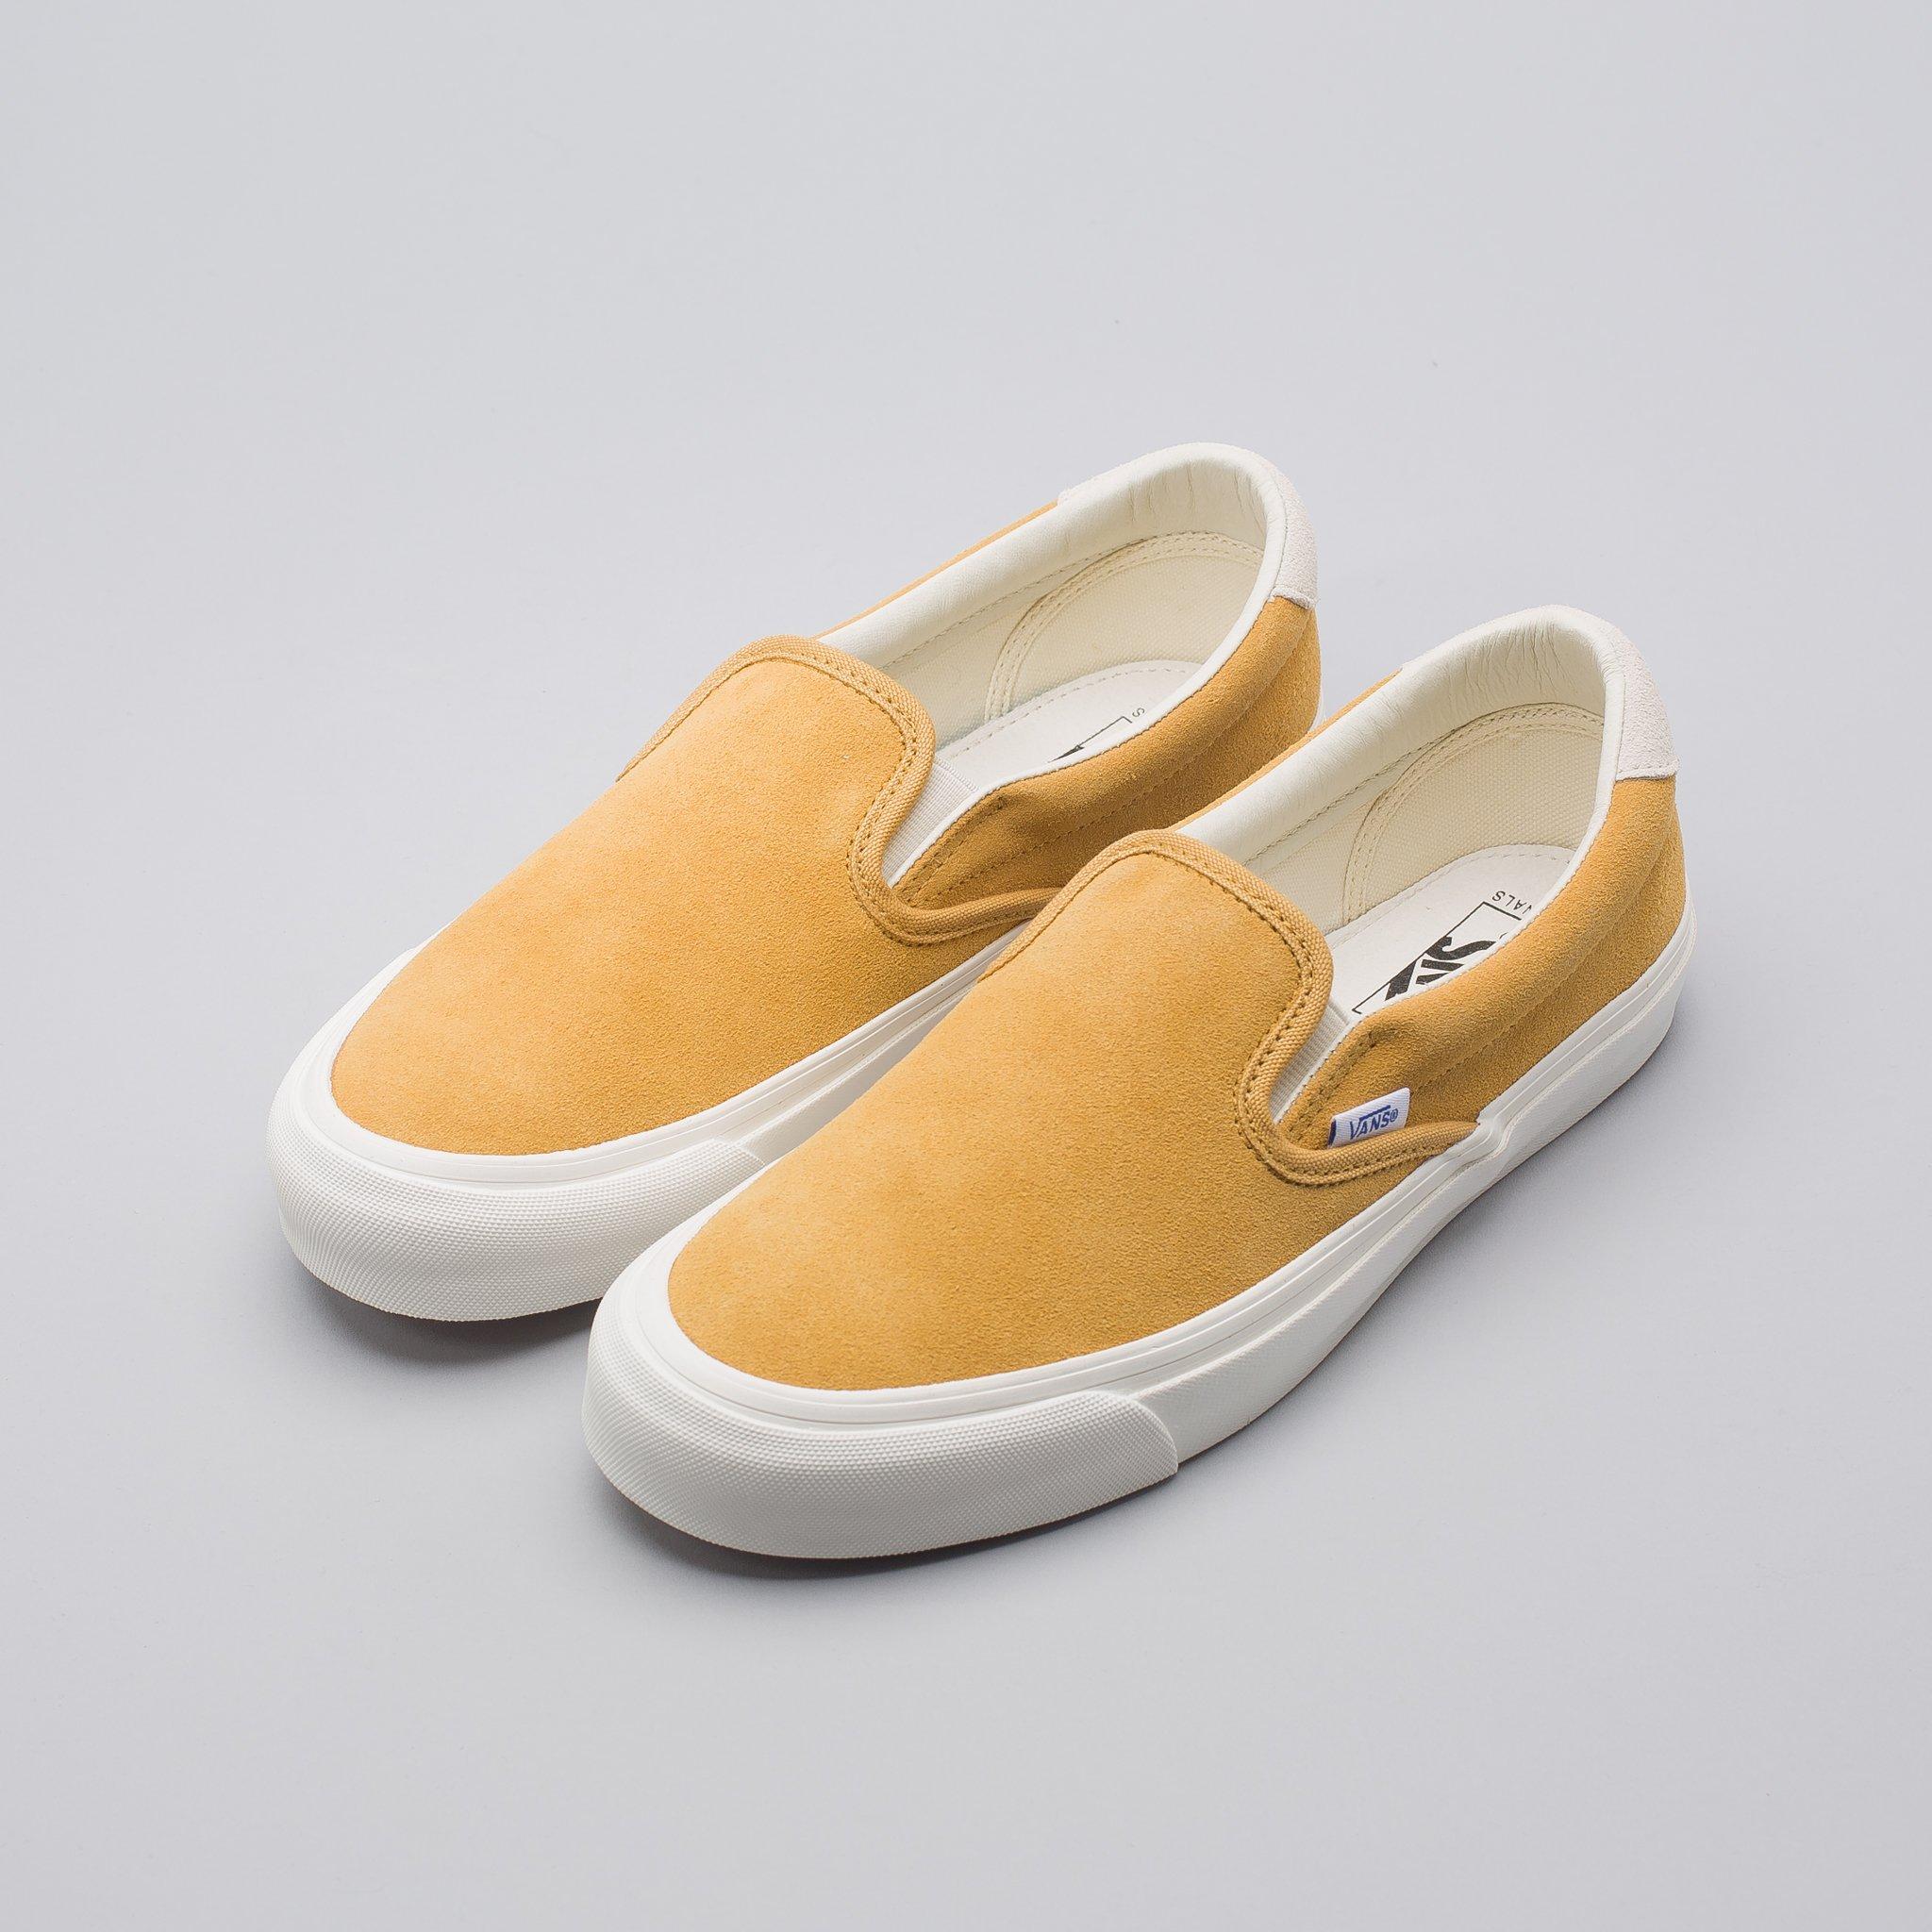 8bf763e37f91e8 Vans OG Slip On 59 LX in Honey Mustard Size 11 - Slip Ons for Sale ...